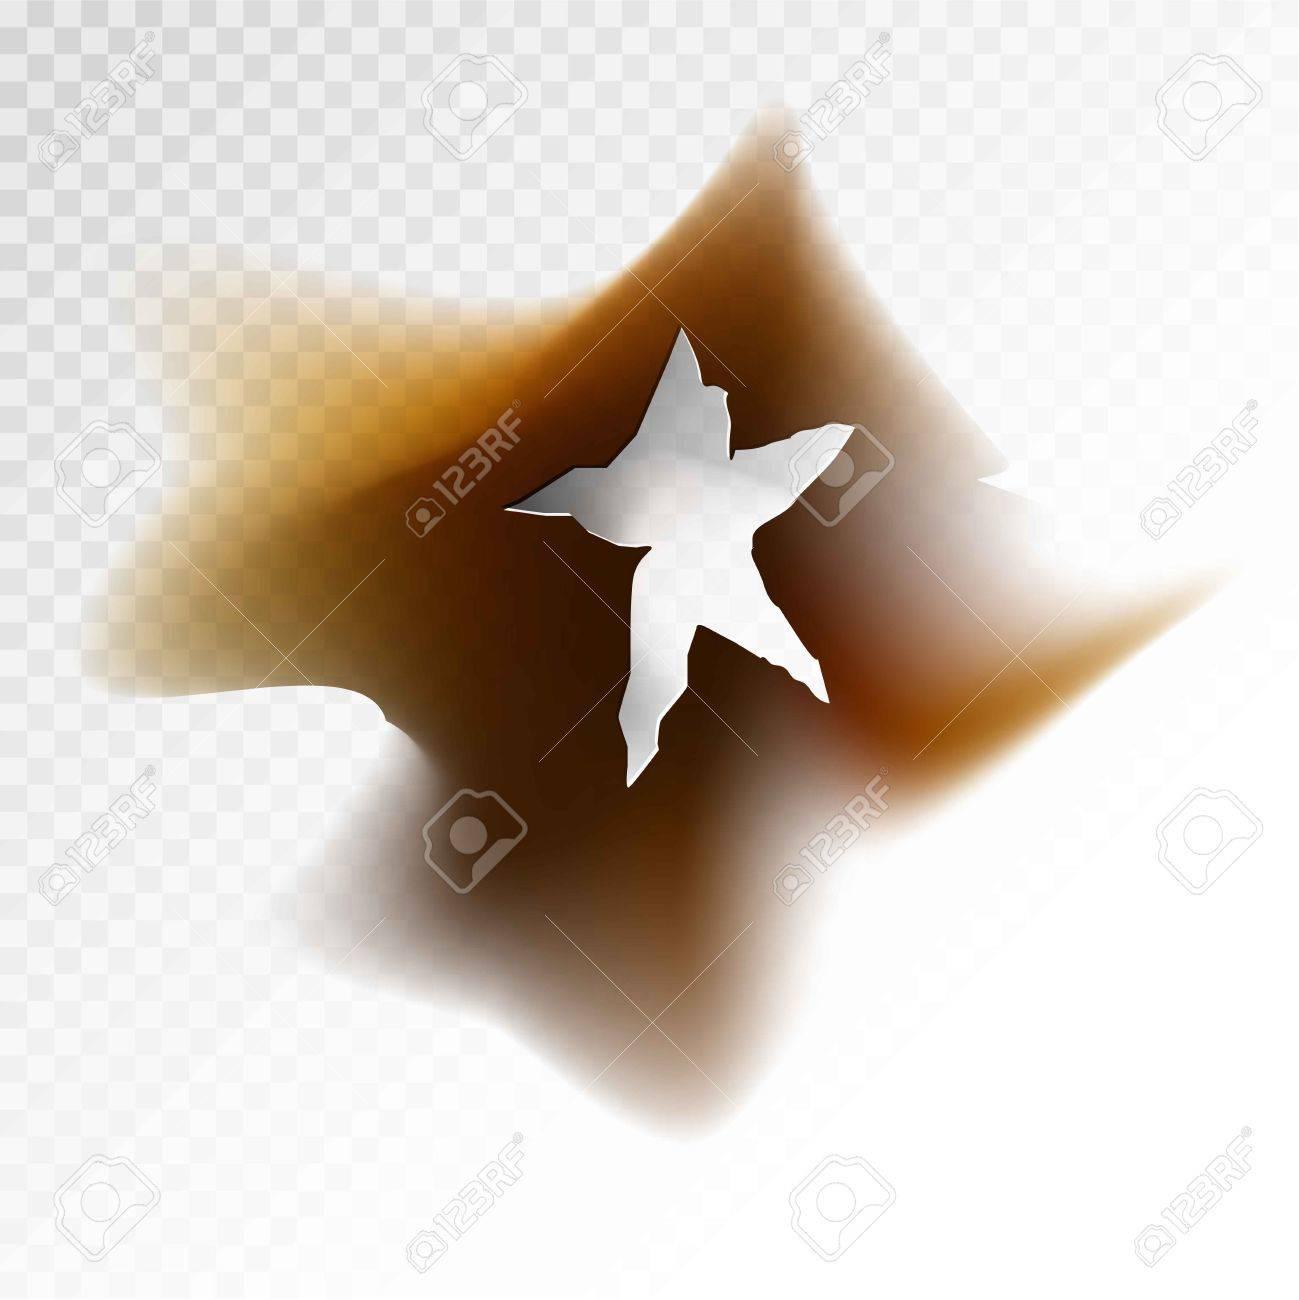 図の周りの汚れと星の形で焦げた穴のイラスト素材ベクタ Image